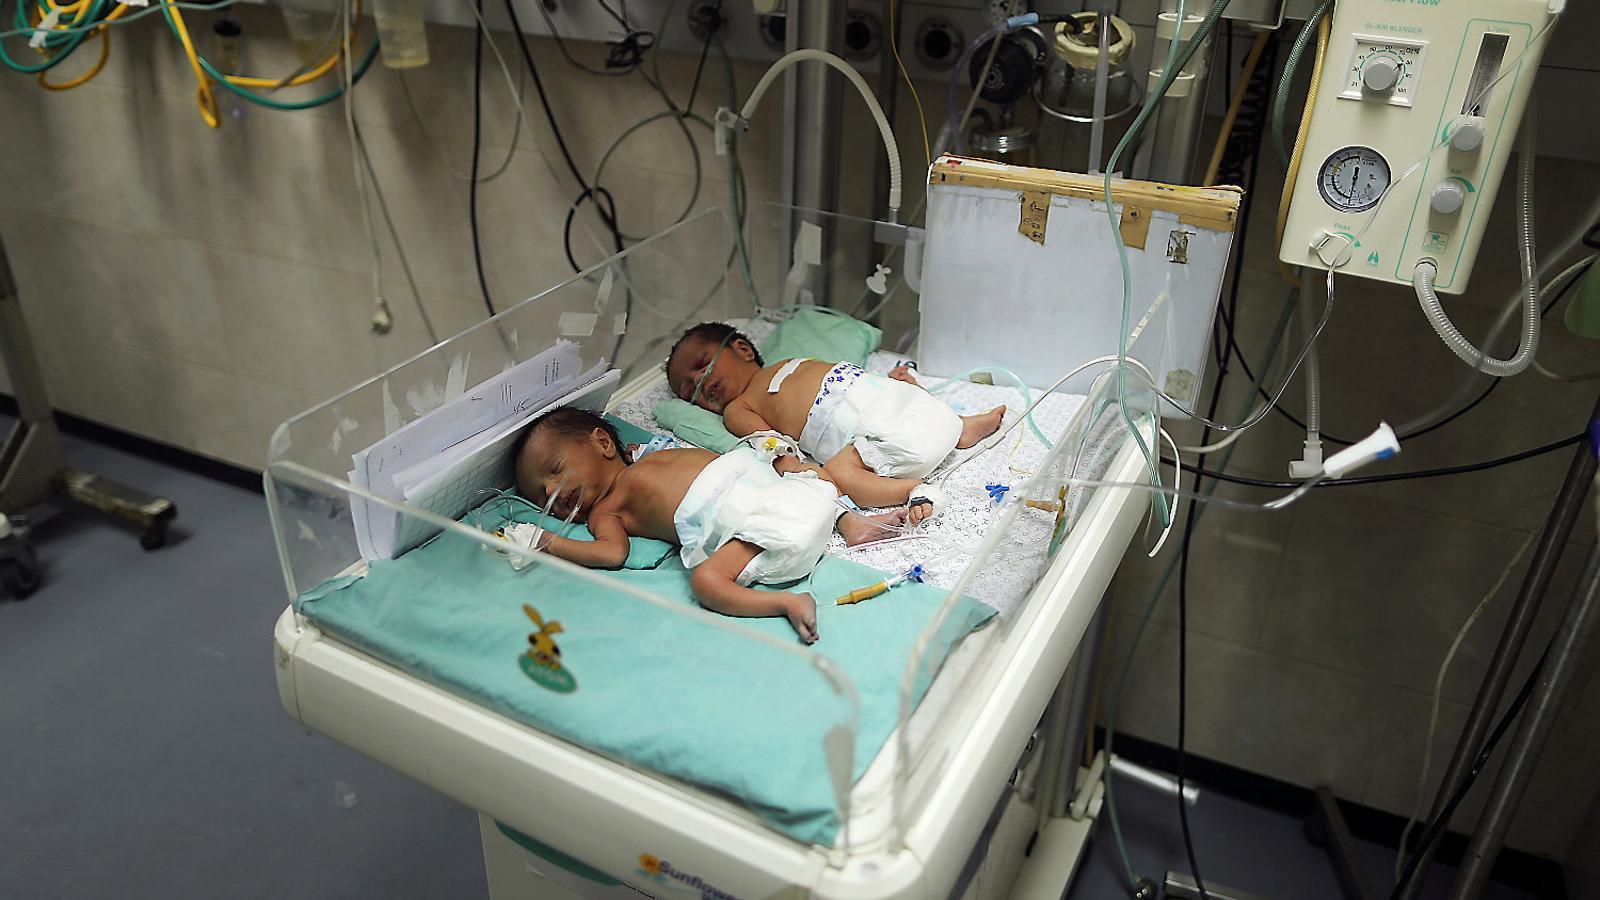 La lenta agonia dels malalts a Gaza